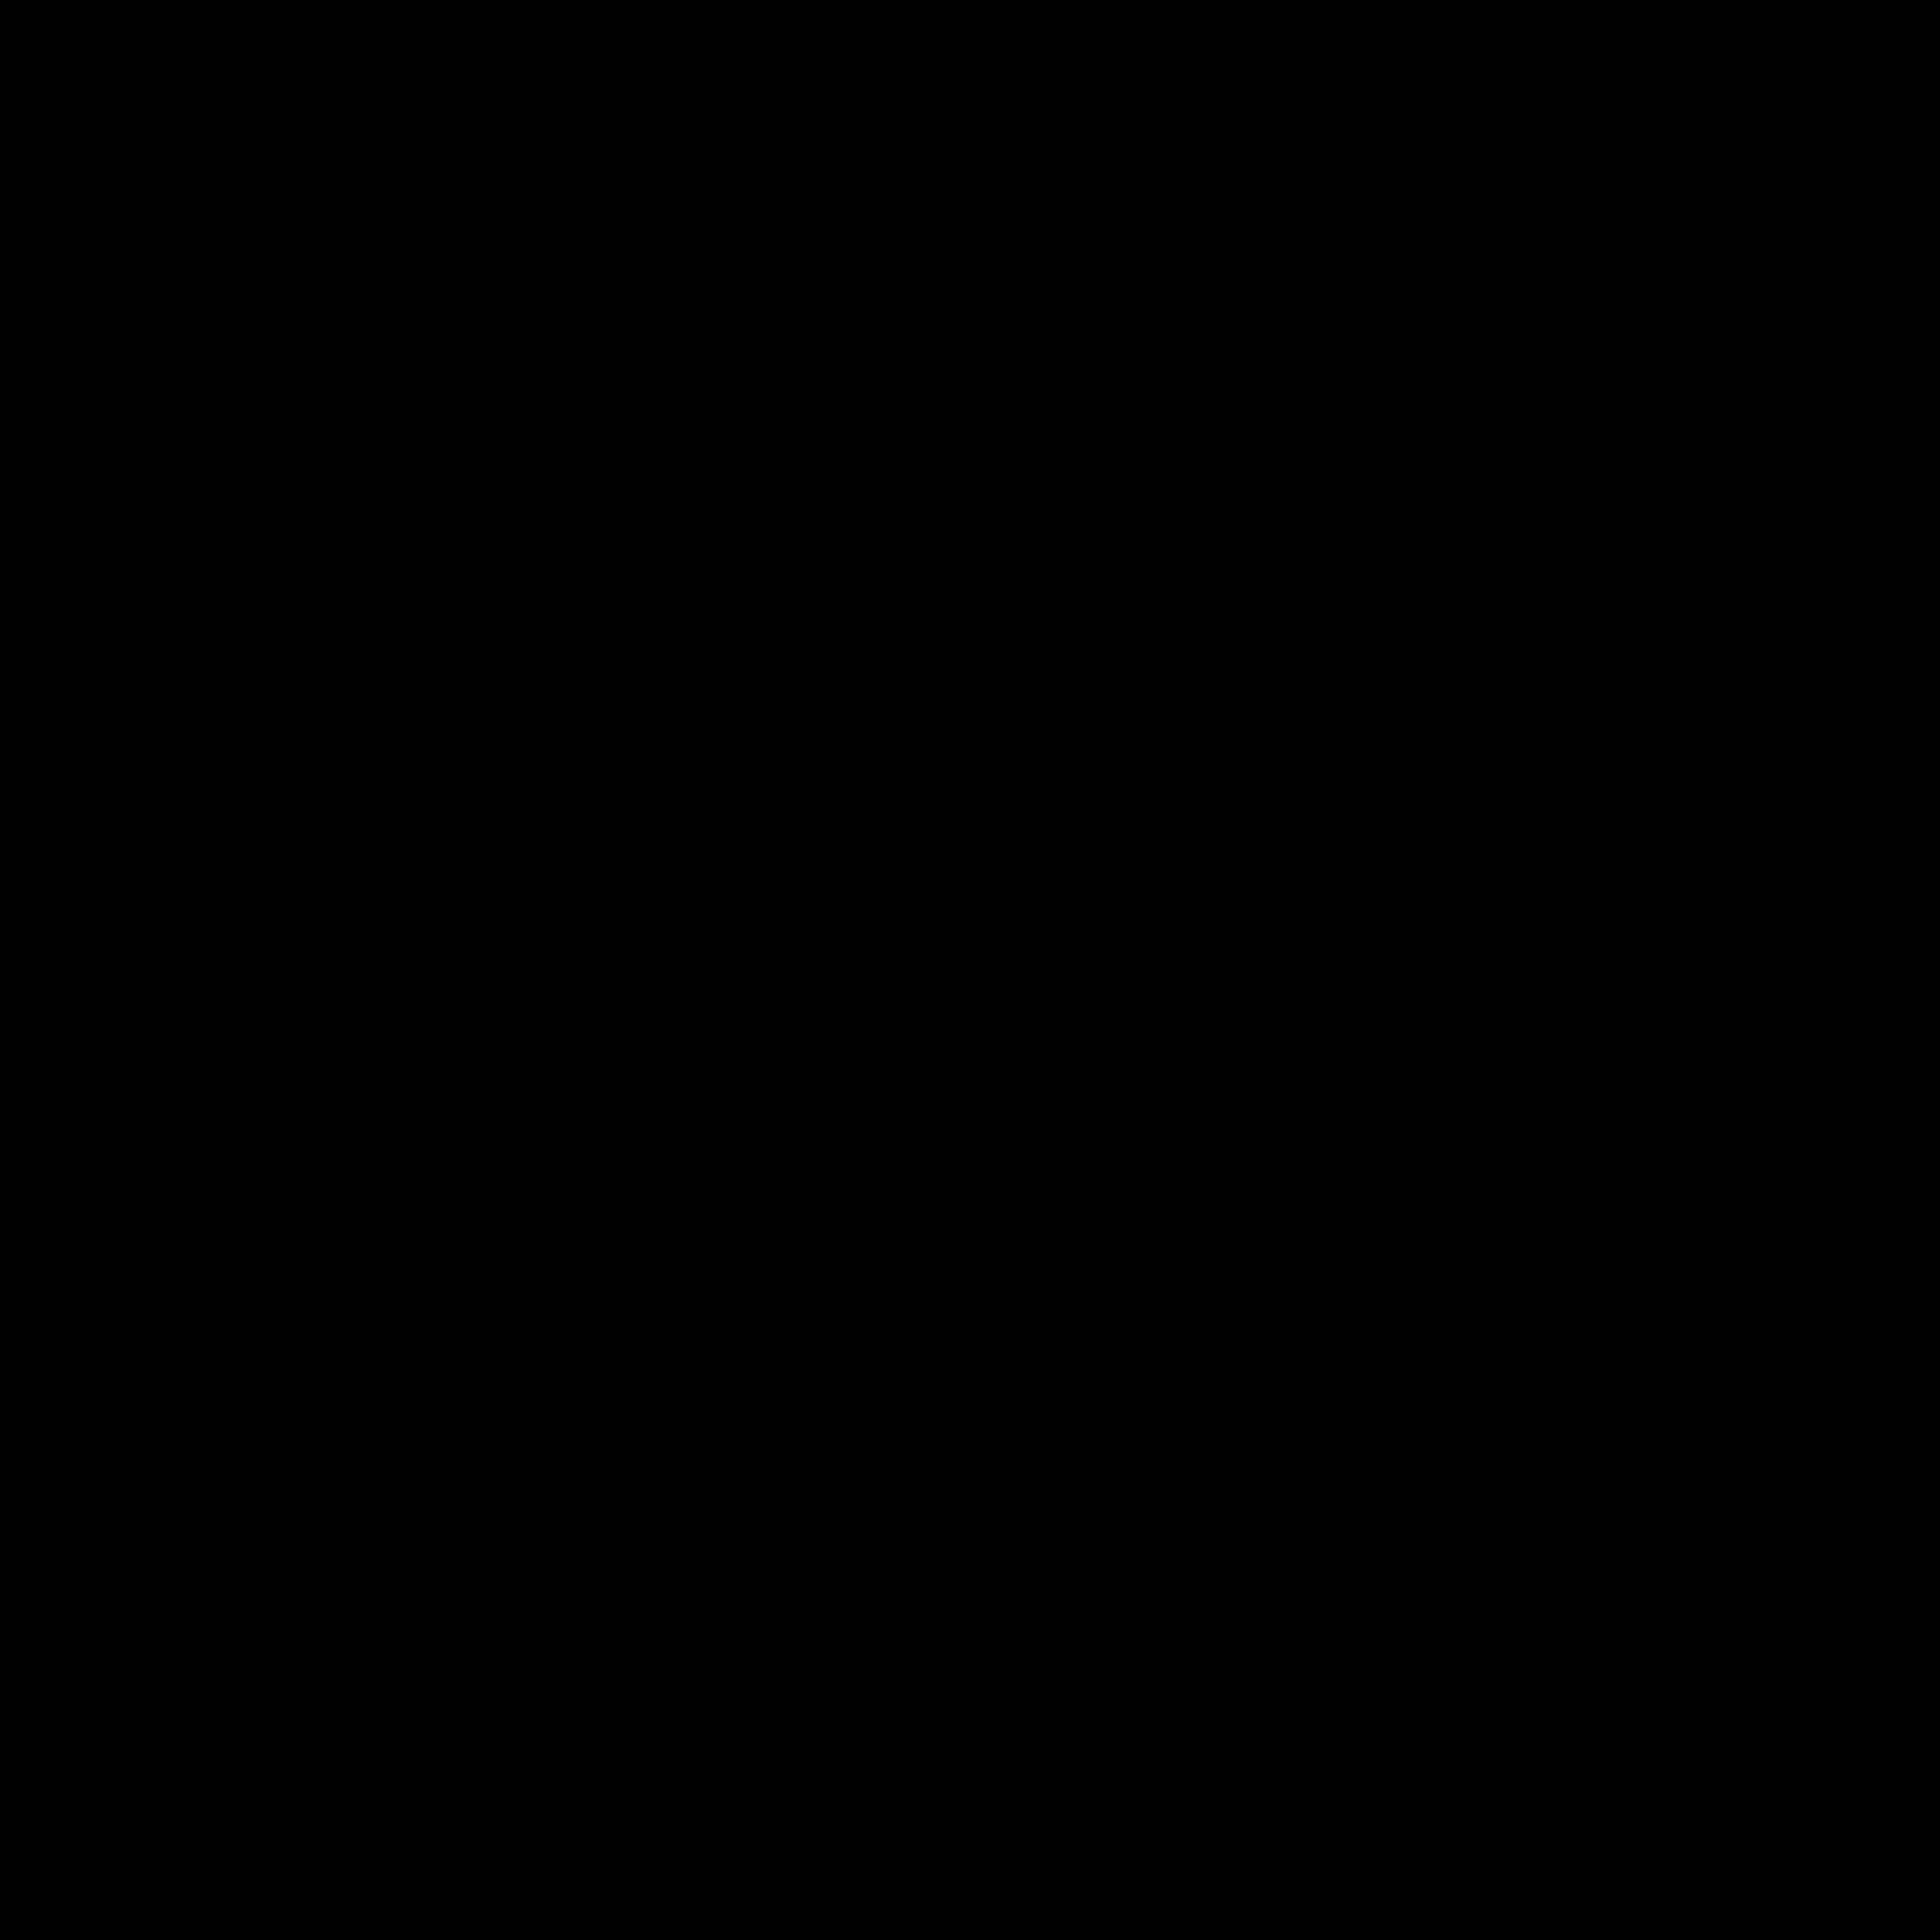 การปรับ Mindset เพื่อเพิ่มประสิทธิภาพในการทำงาน-04